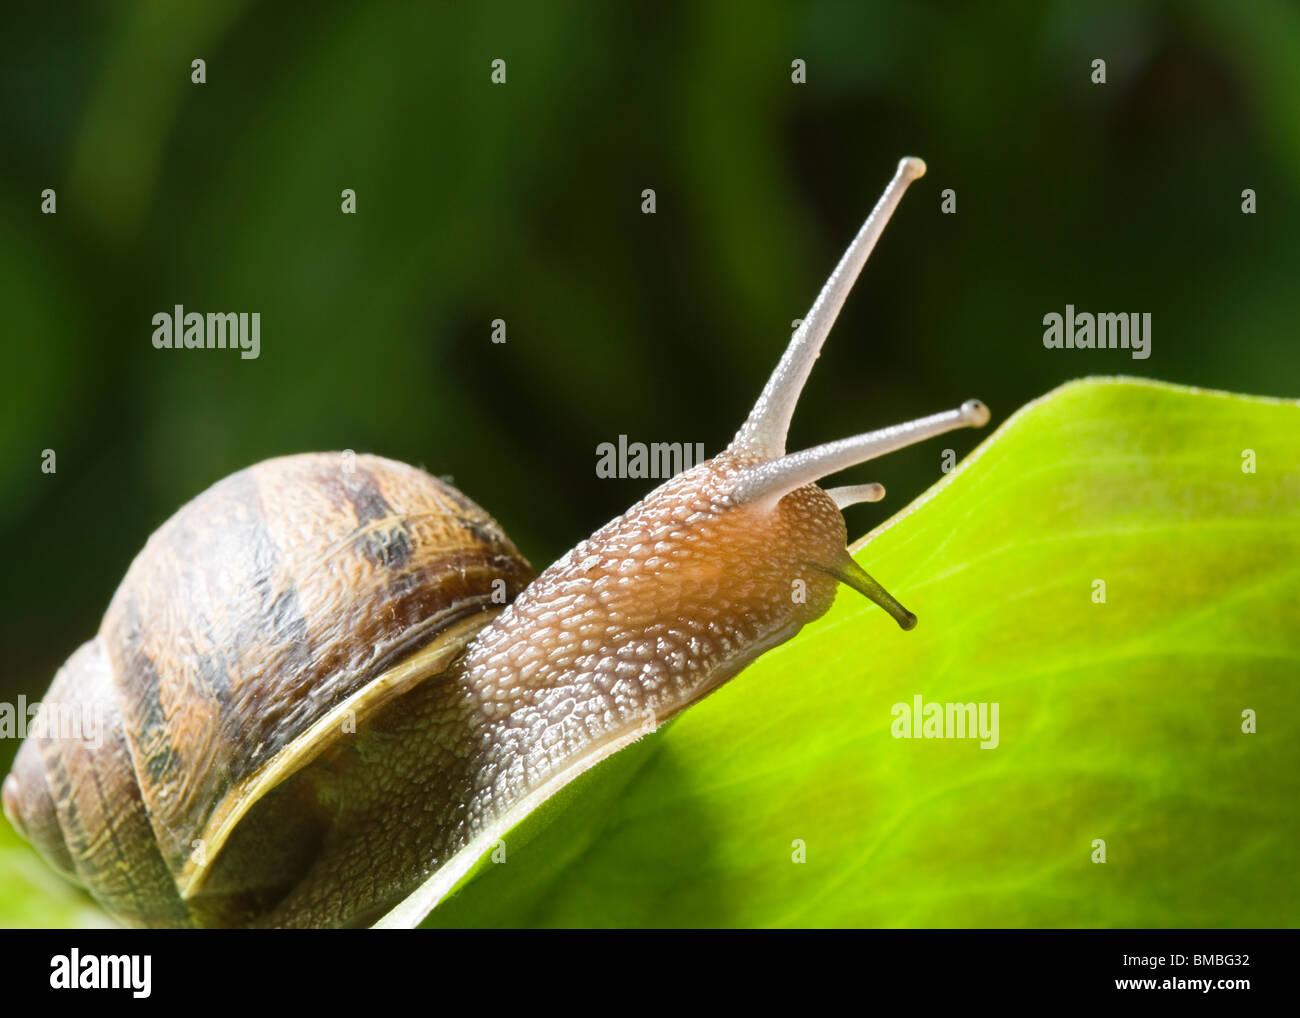 Garden snail, Helix aspersa. - Stock Image